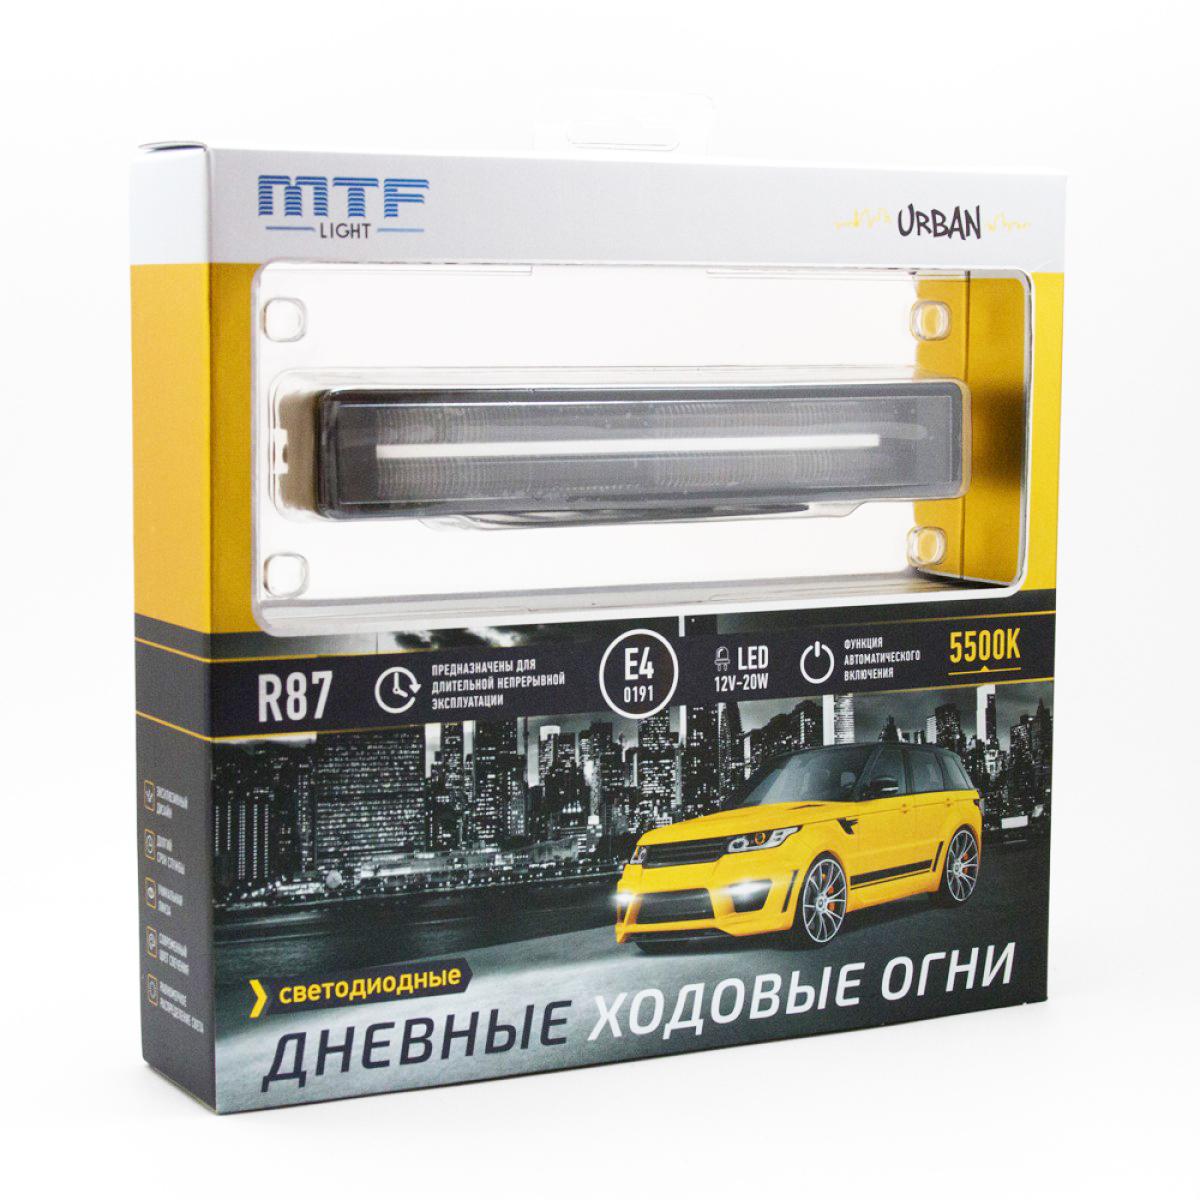 LDL 180 MTF Светодиодные дневные ходовые огни 5500К, 12В, 20Вт, Серия URBAN ком-т